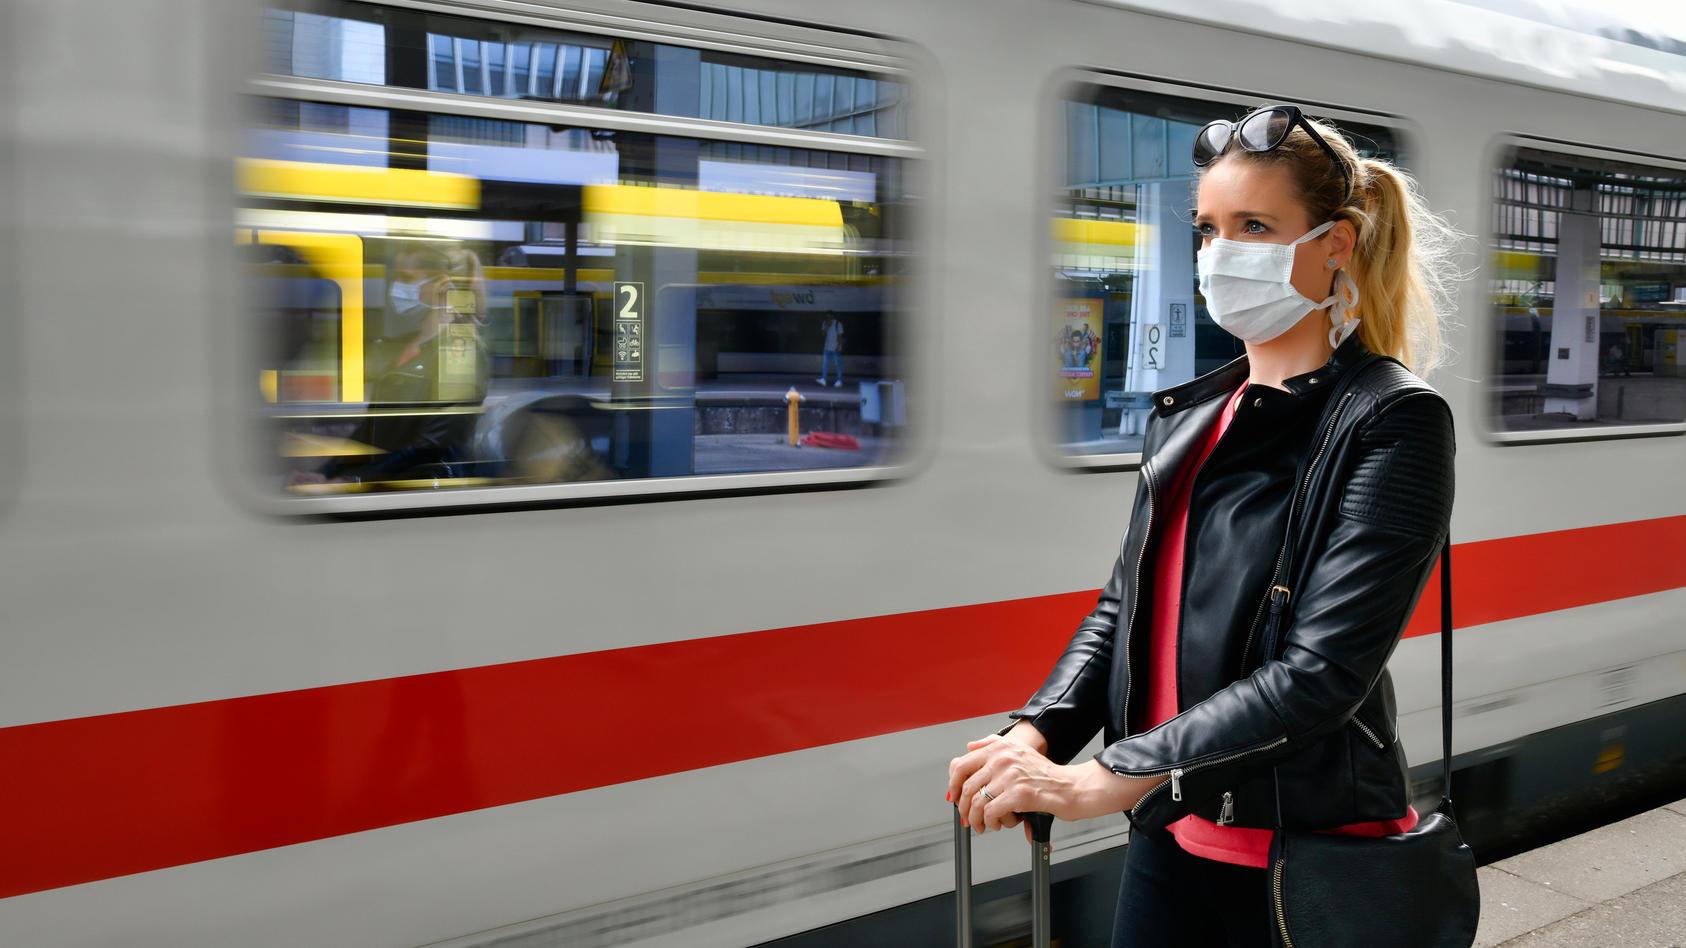 Schon vor einem Monat vermeldete die Deutsche Bahn, dass die Auslastung der Züge massiv eingebrochen ist.